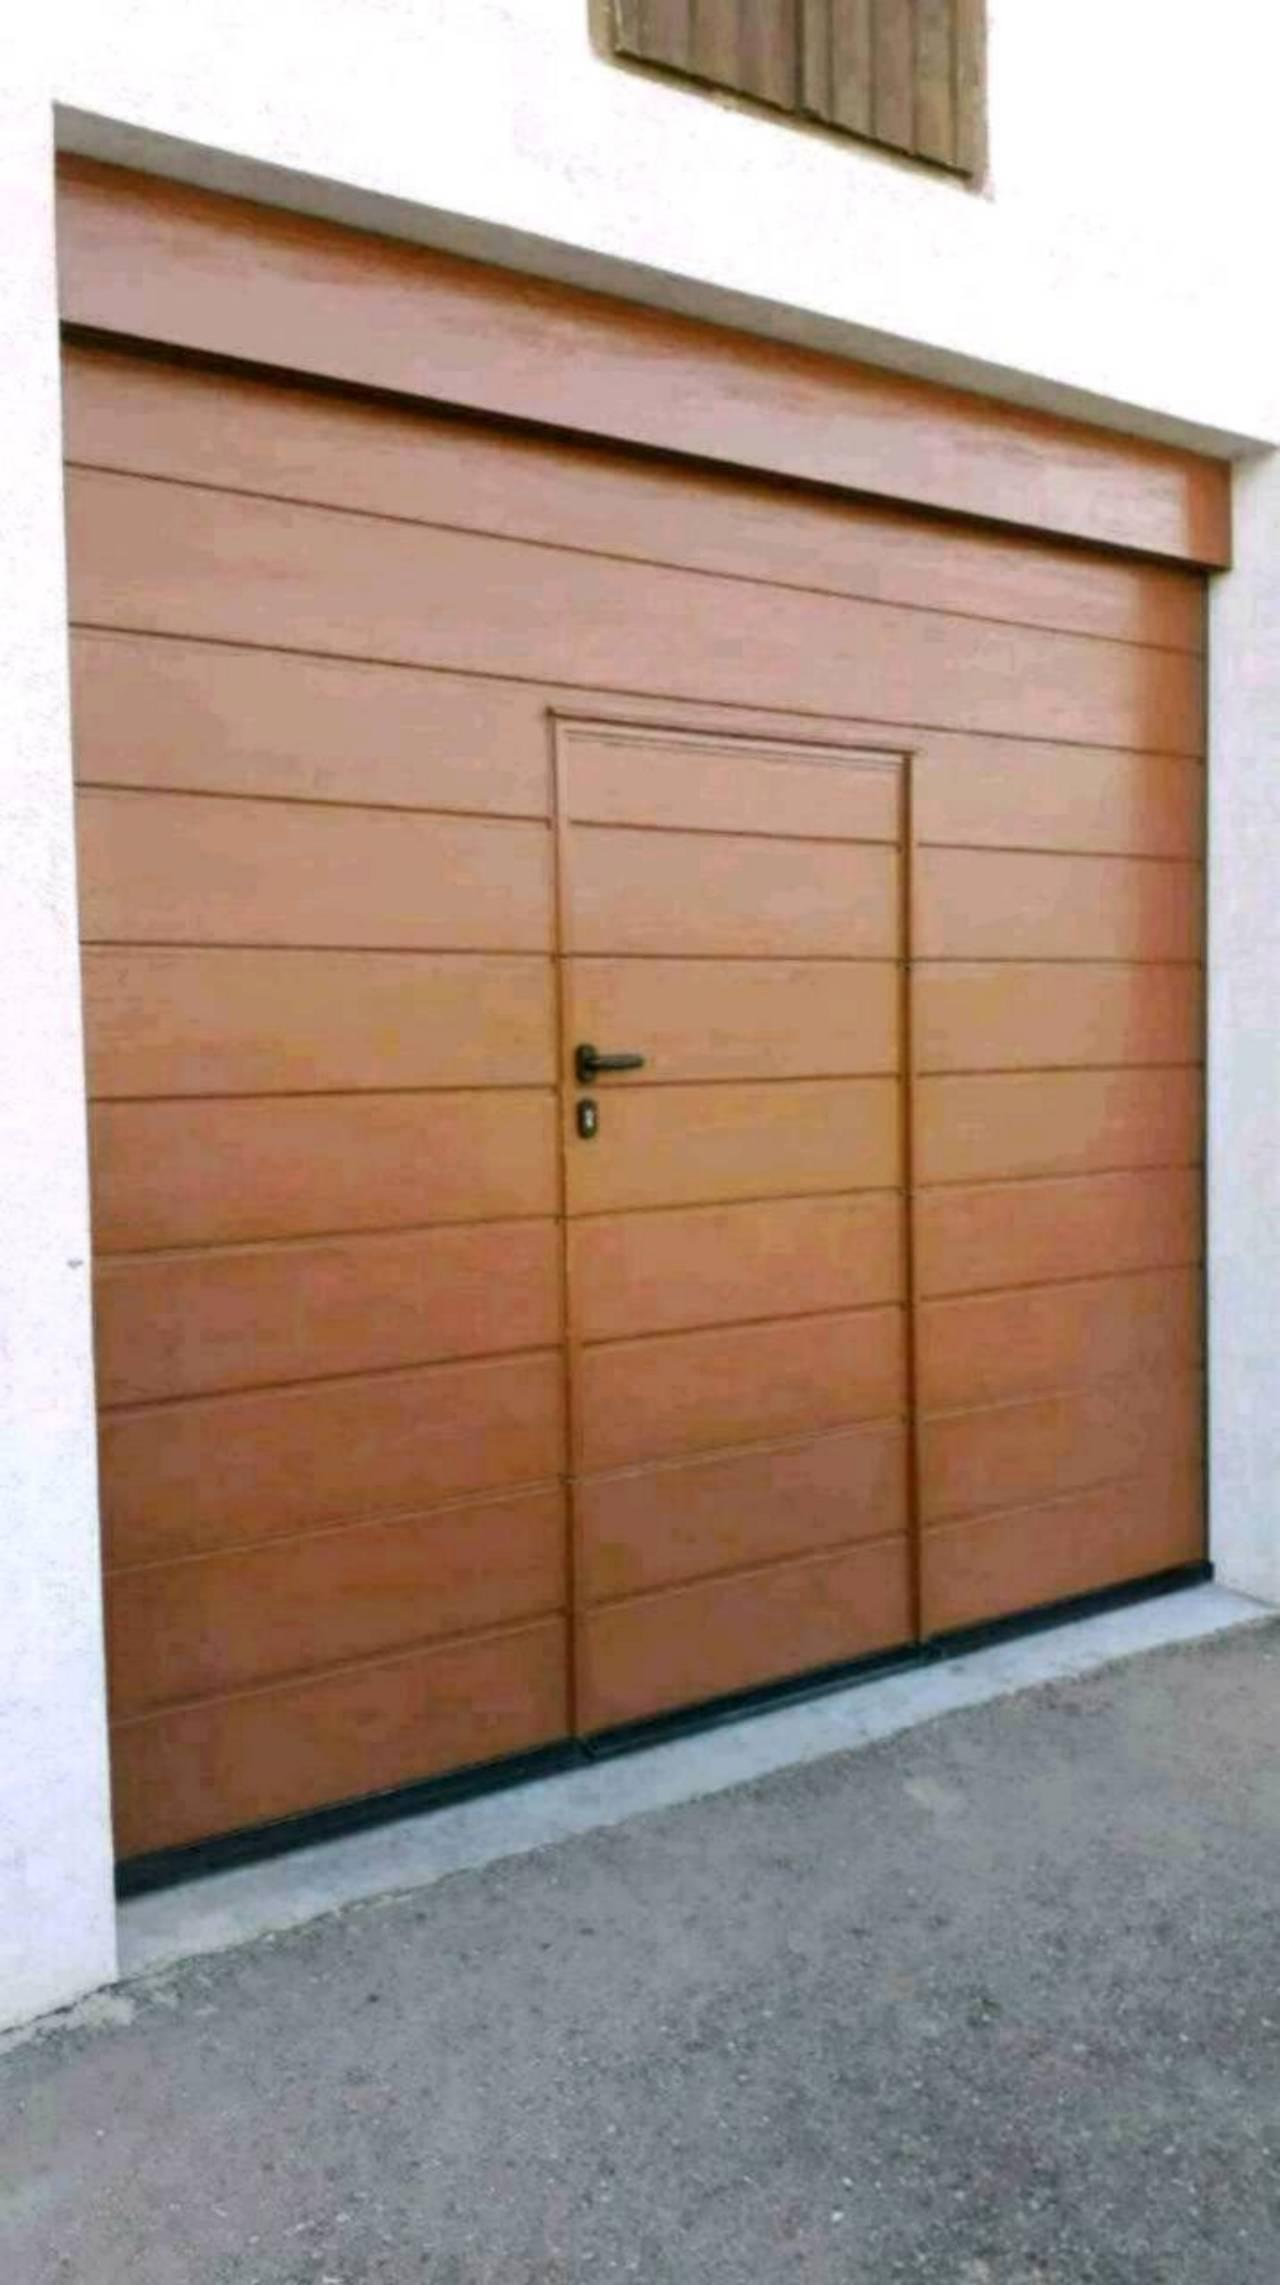 Atemberaubend Tore gebraucht kaufen/Garagentore gebraucht kaufen #UV_92